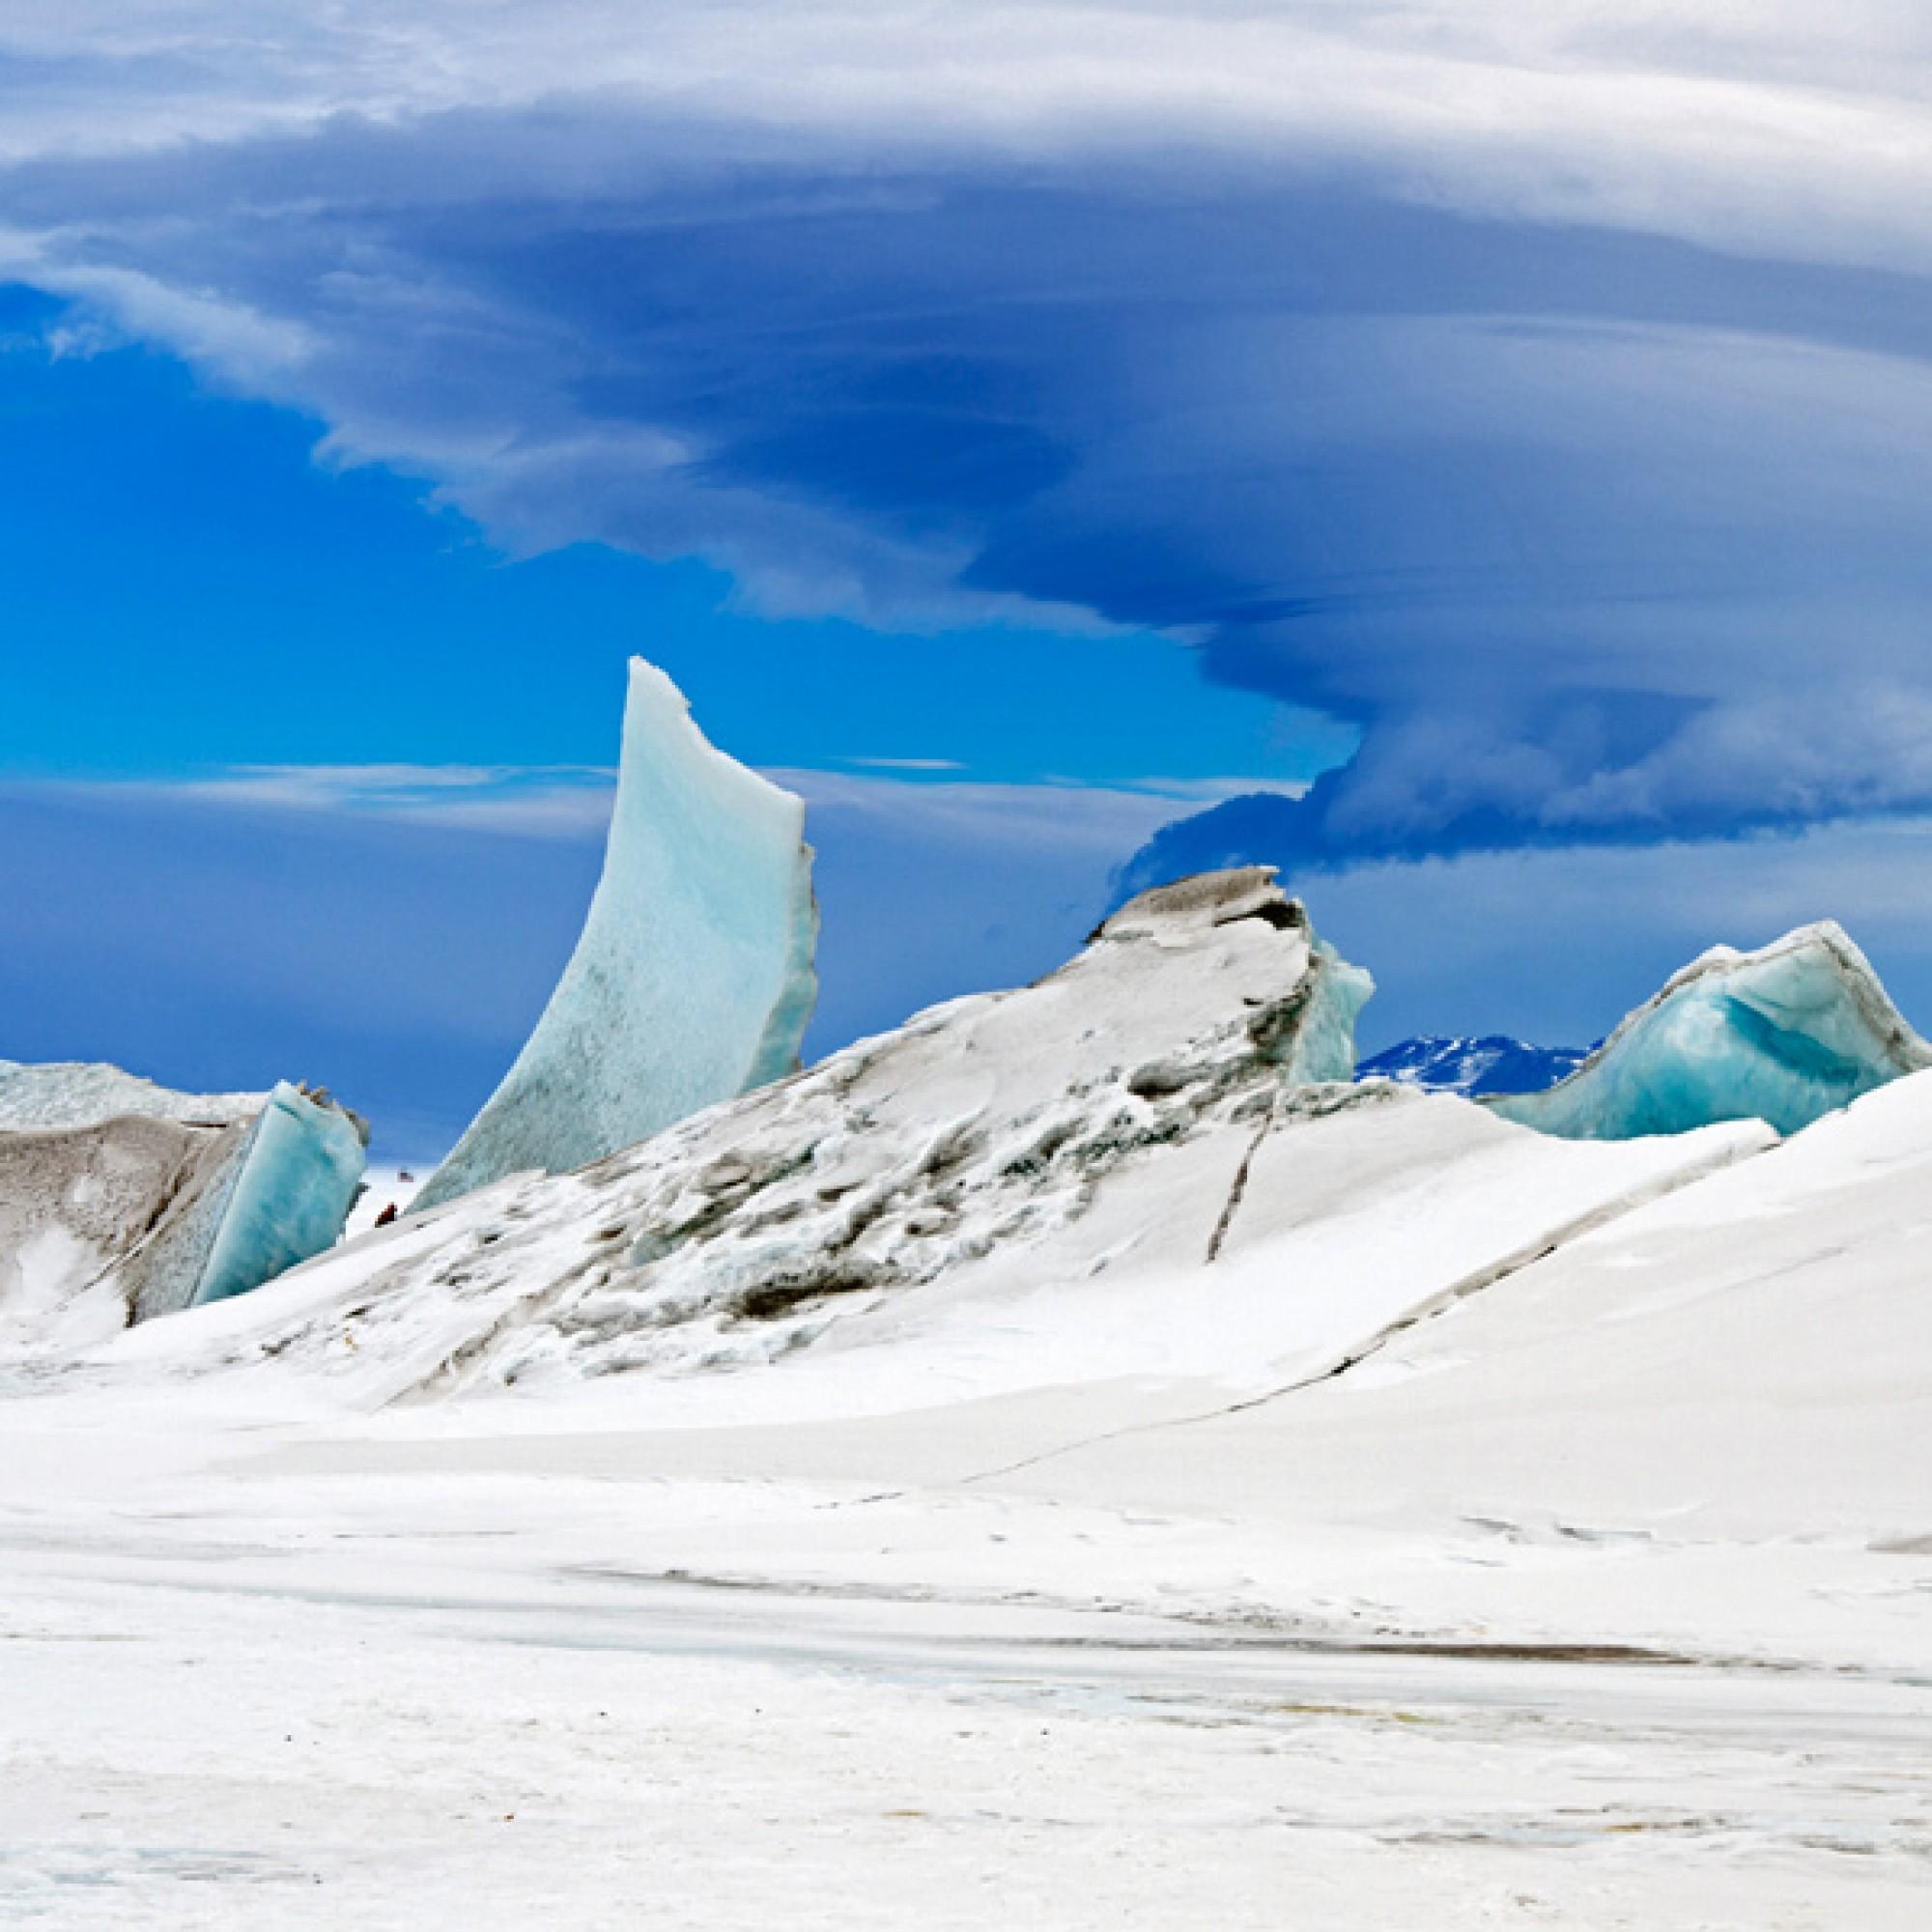 Ewiges Eis in der Arktis. (Nasa)